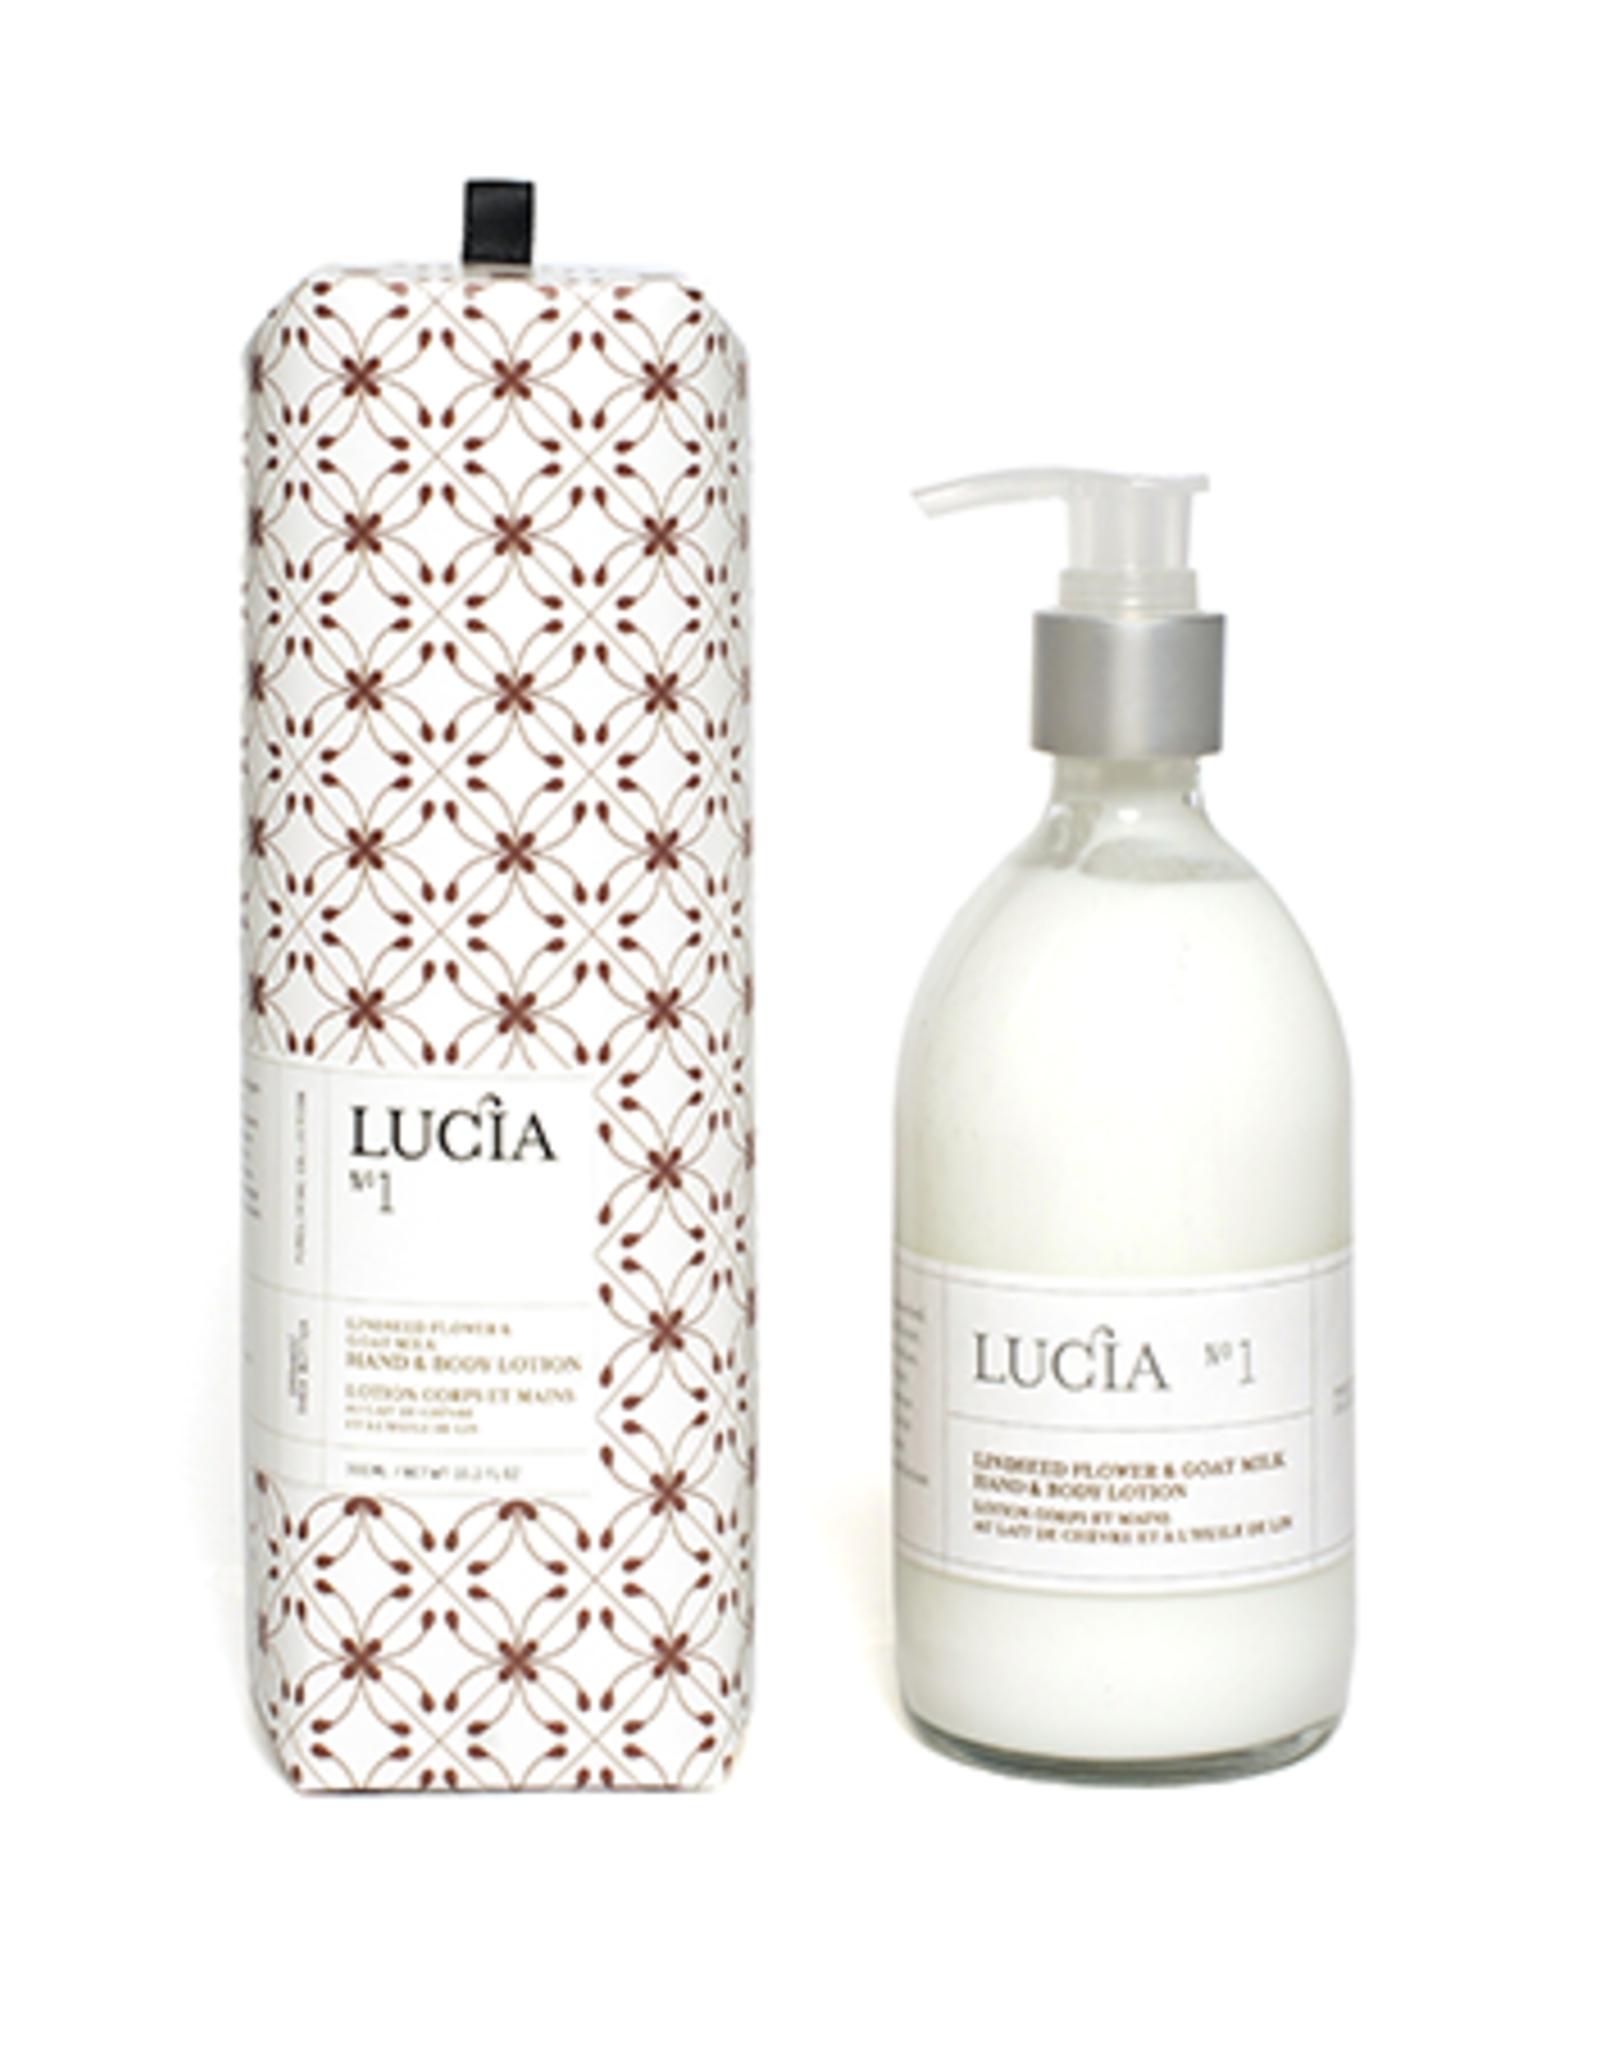 Lucia  par  Pure Living Lotion lait de chèvre et à l'huile de lin